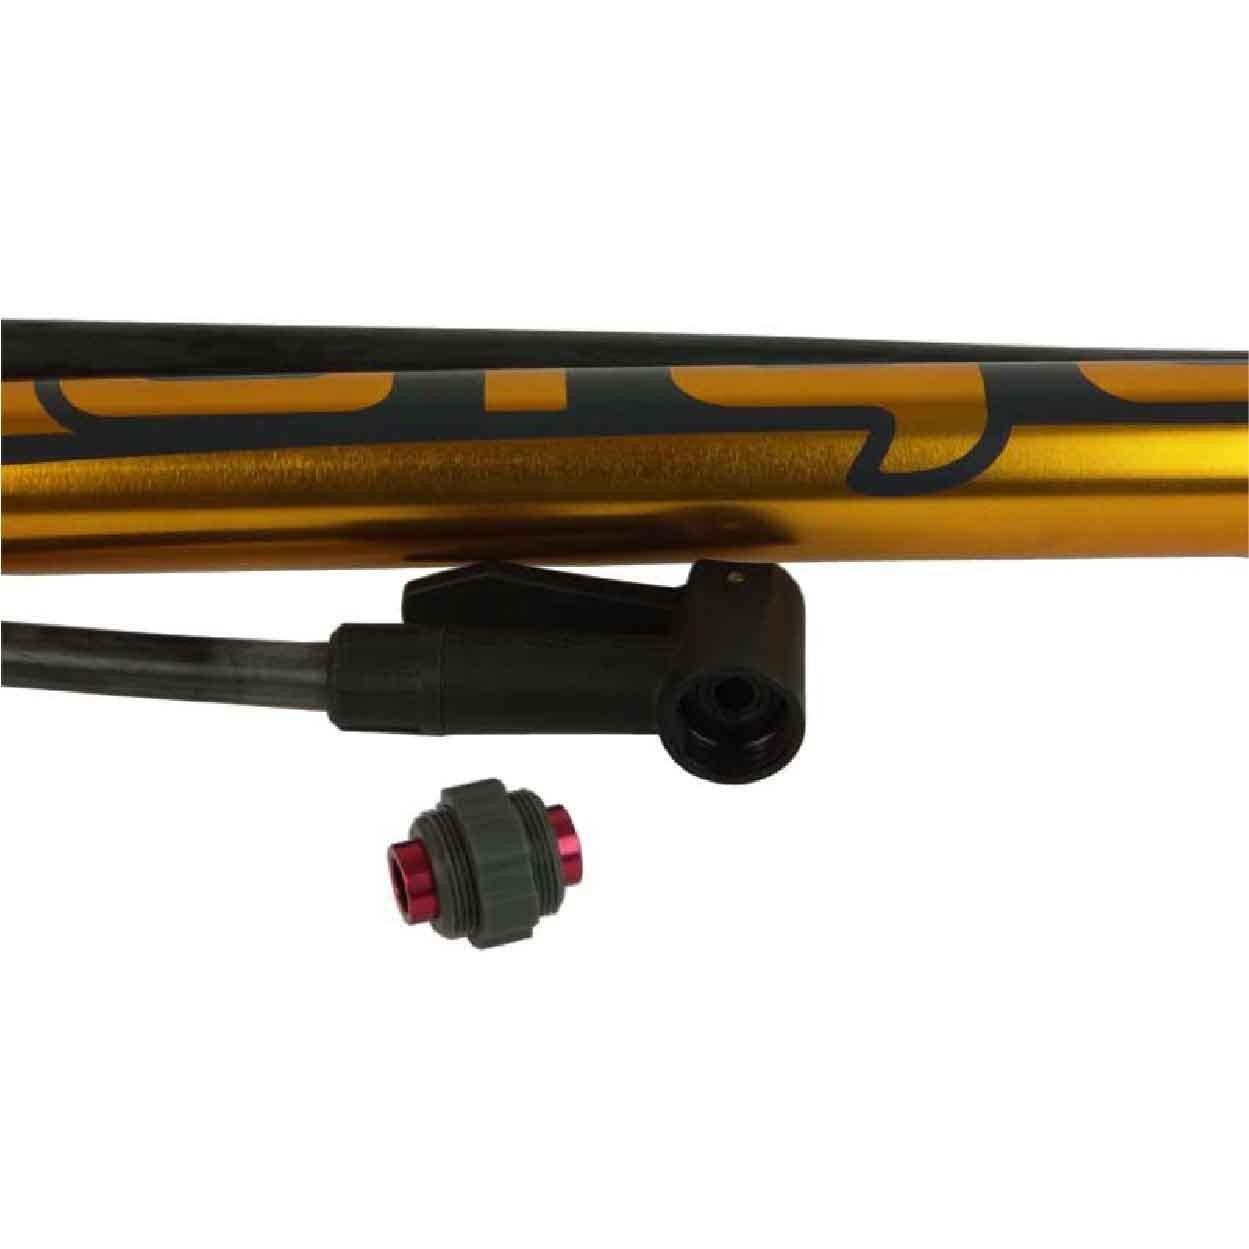 Bomba De Ar Giyo GF-5725  C/ Manômetro Dourado Aluminio